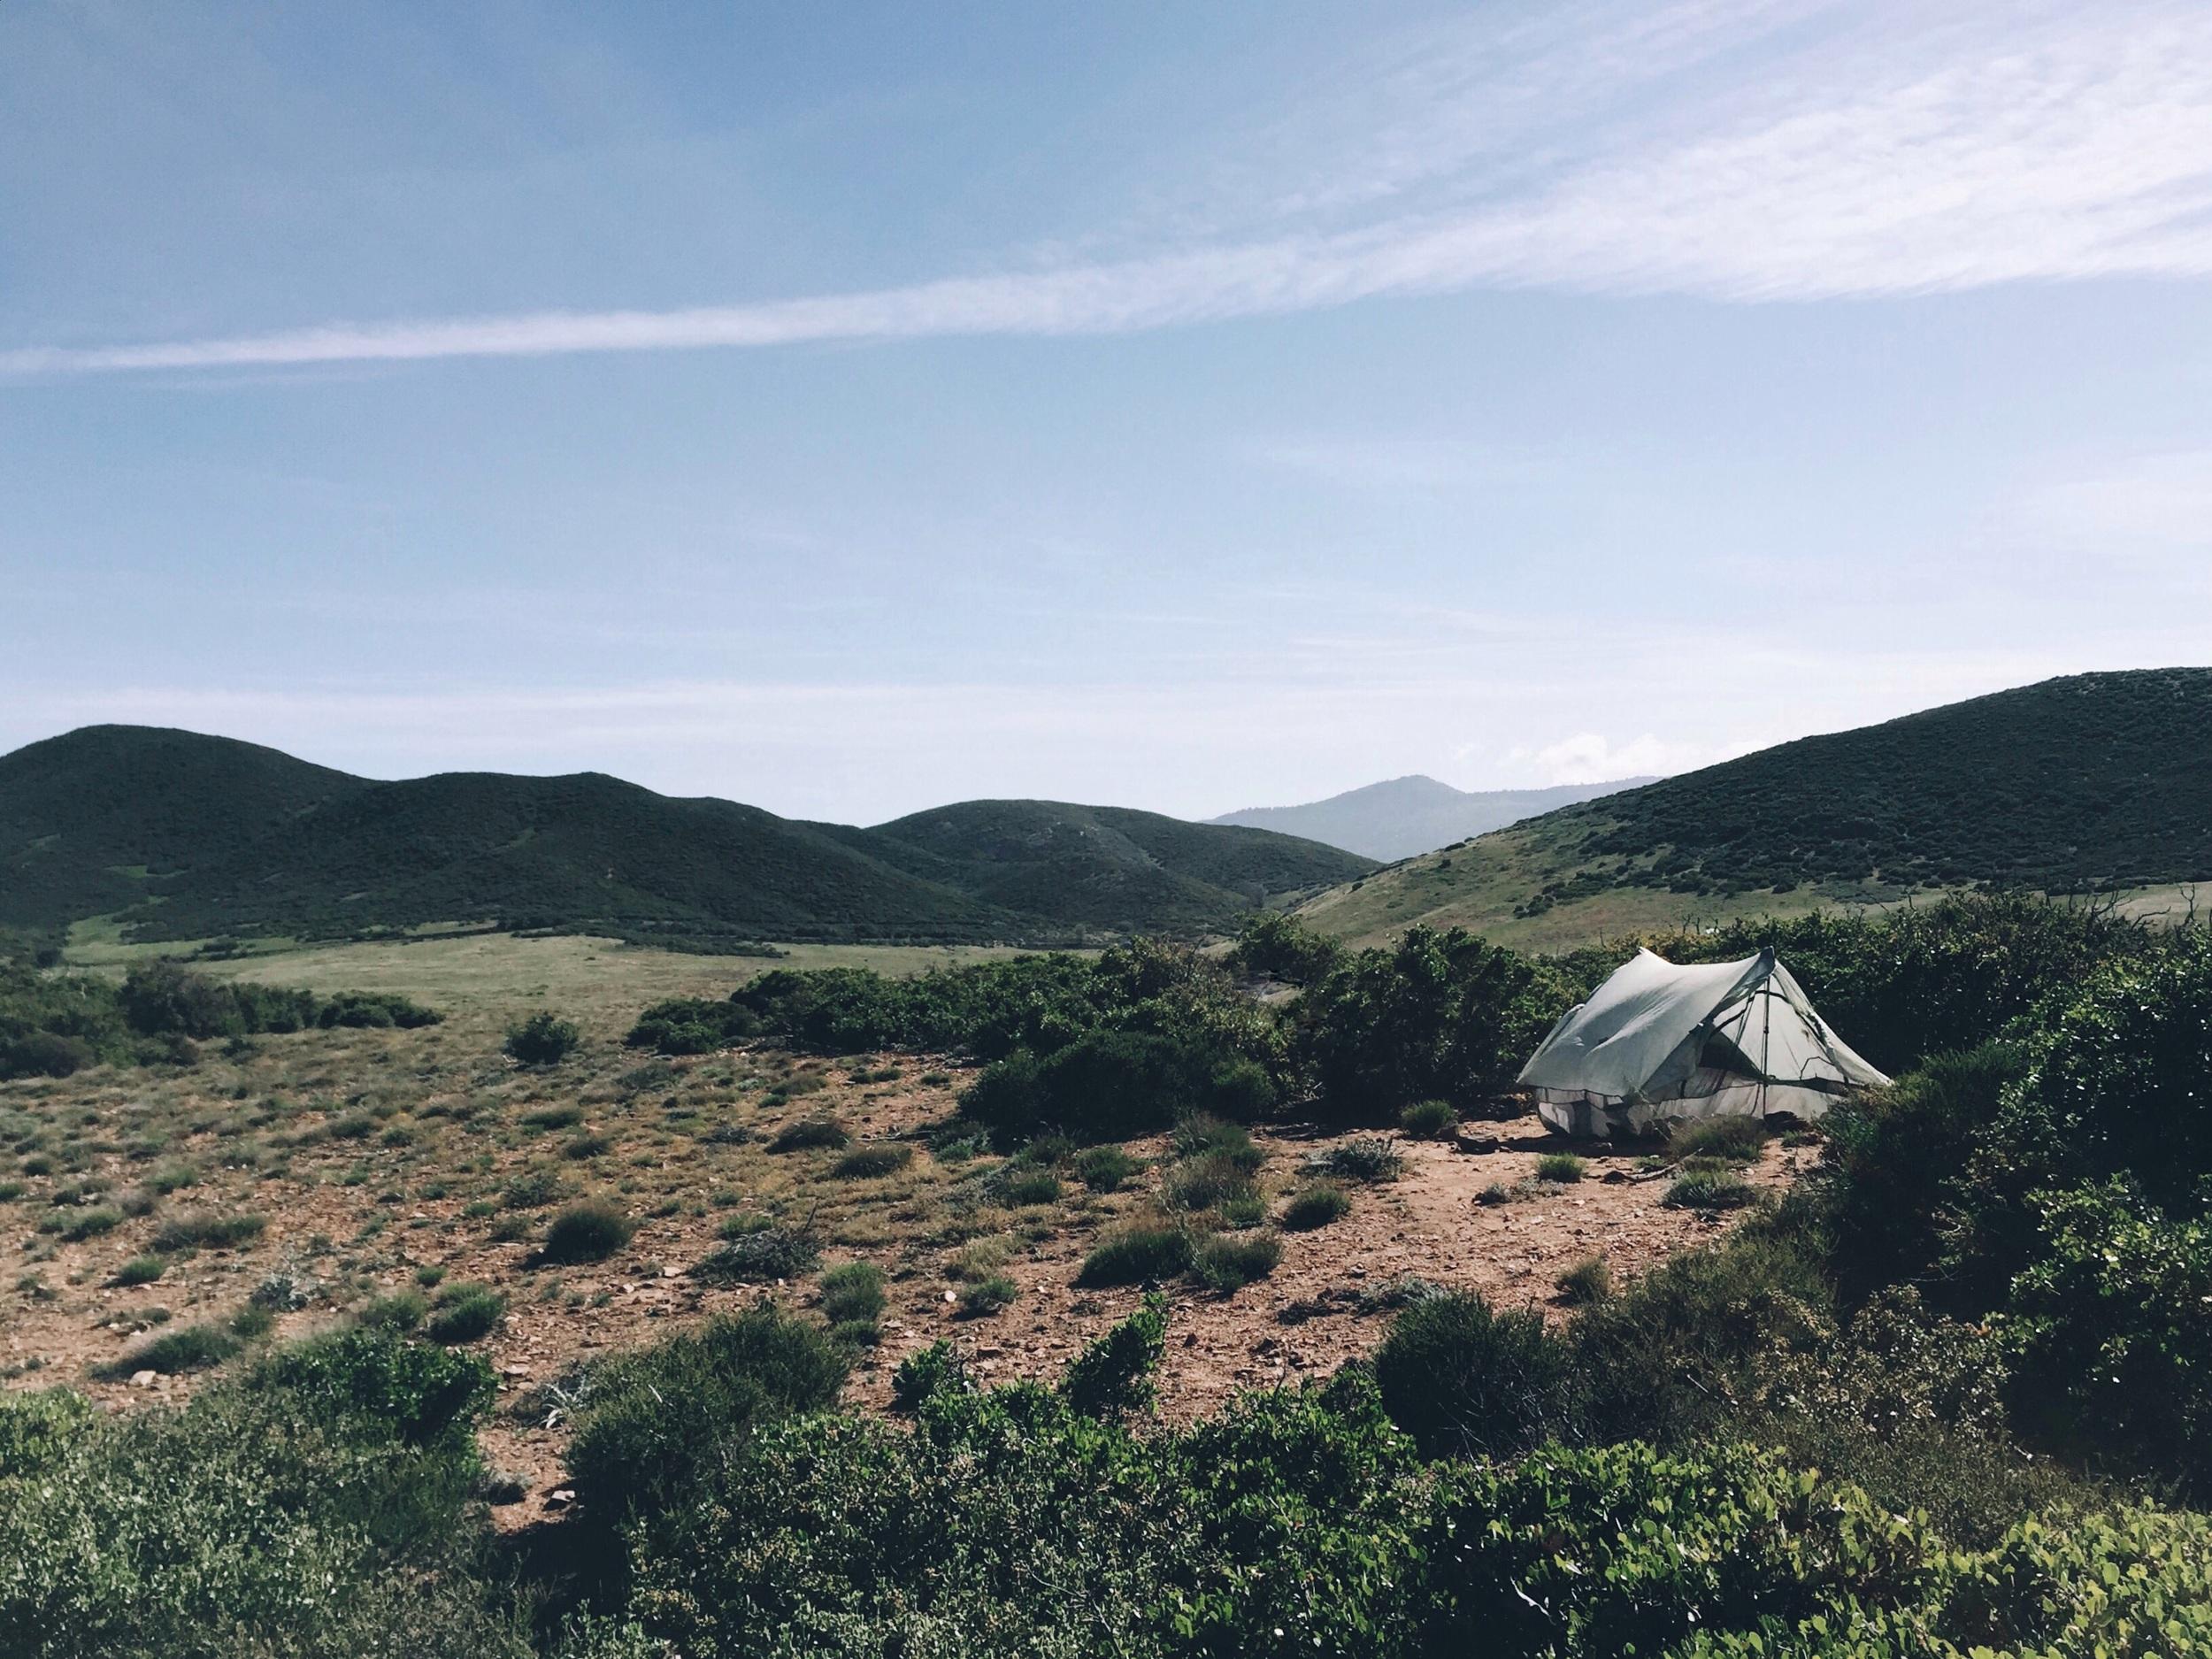 Probably the most scenic campsite so far.